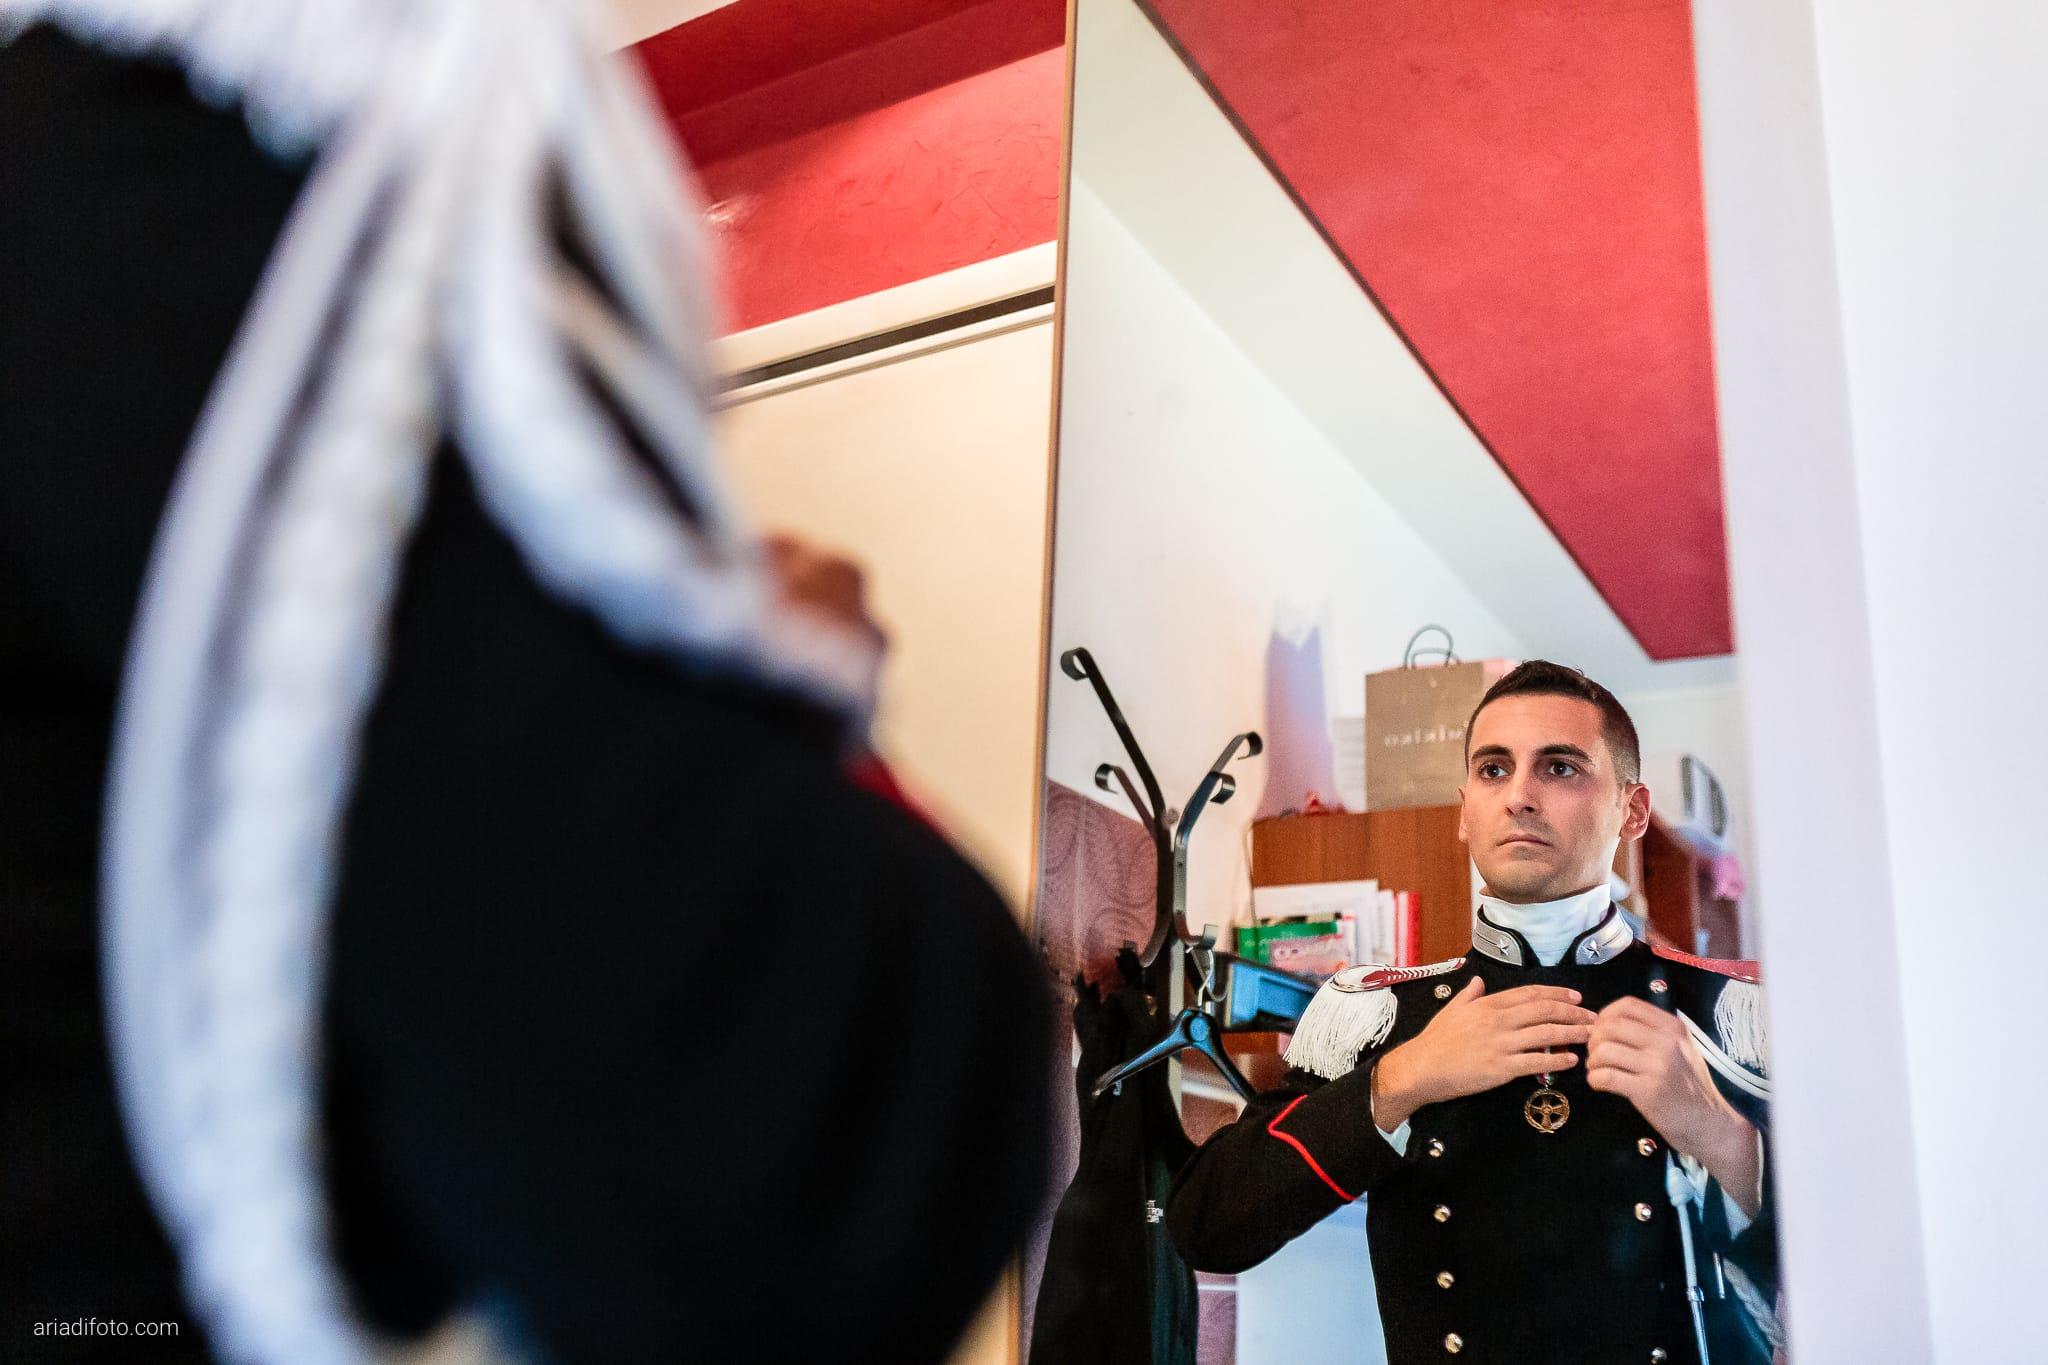 Magdalena Massimo Matrimonio Ristorante Le Terrazze Riviera Trieste preparativi divisa abito specchio riflesso